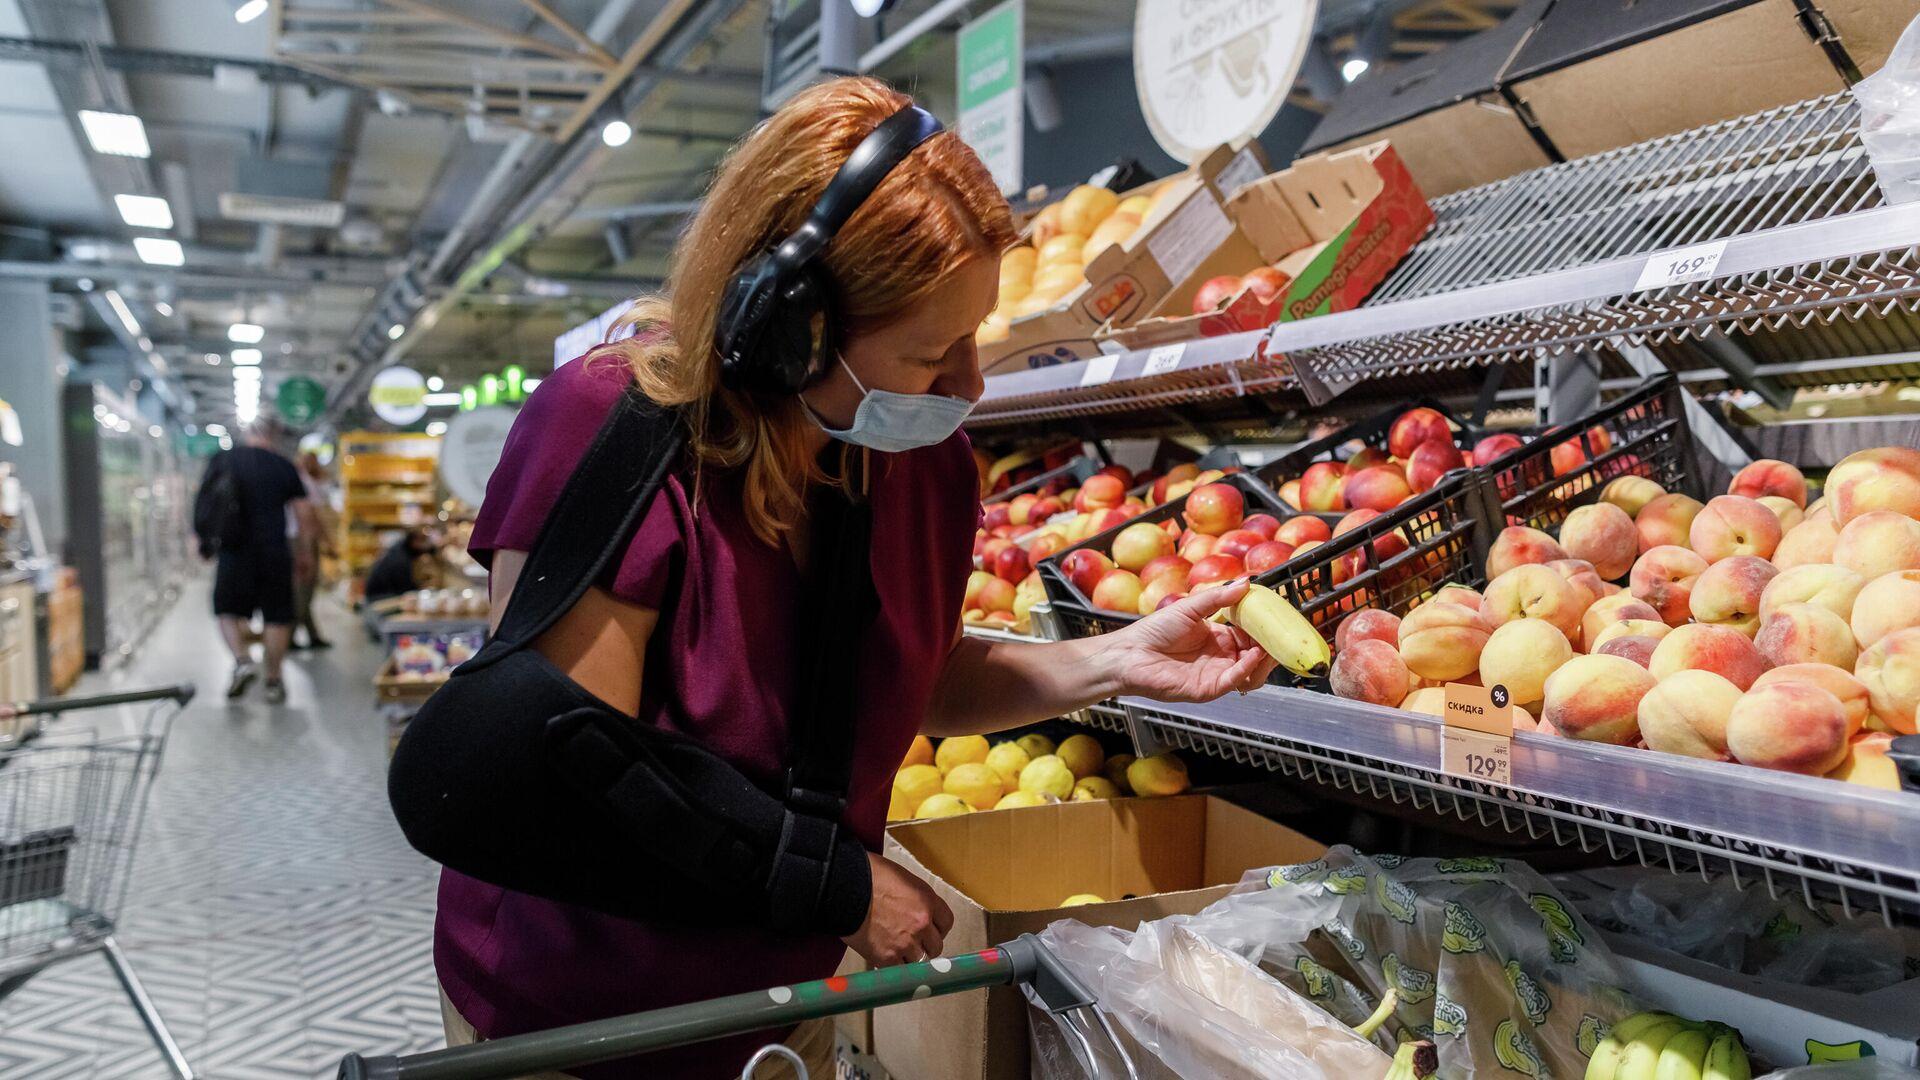 Девушка покупает продукты в костюме эмпатии GERT в торговой сети Пятёрочка - РИА Новости, 1920, 06.09.2021